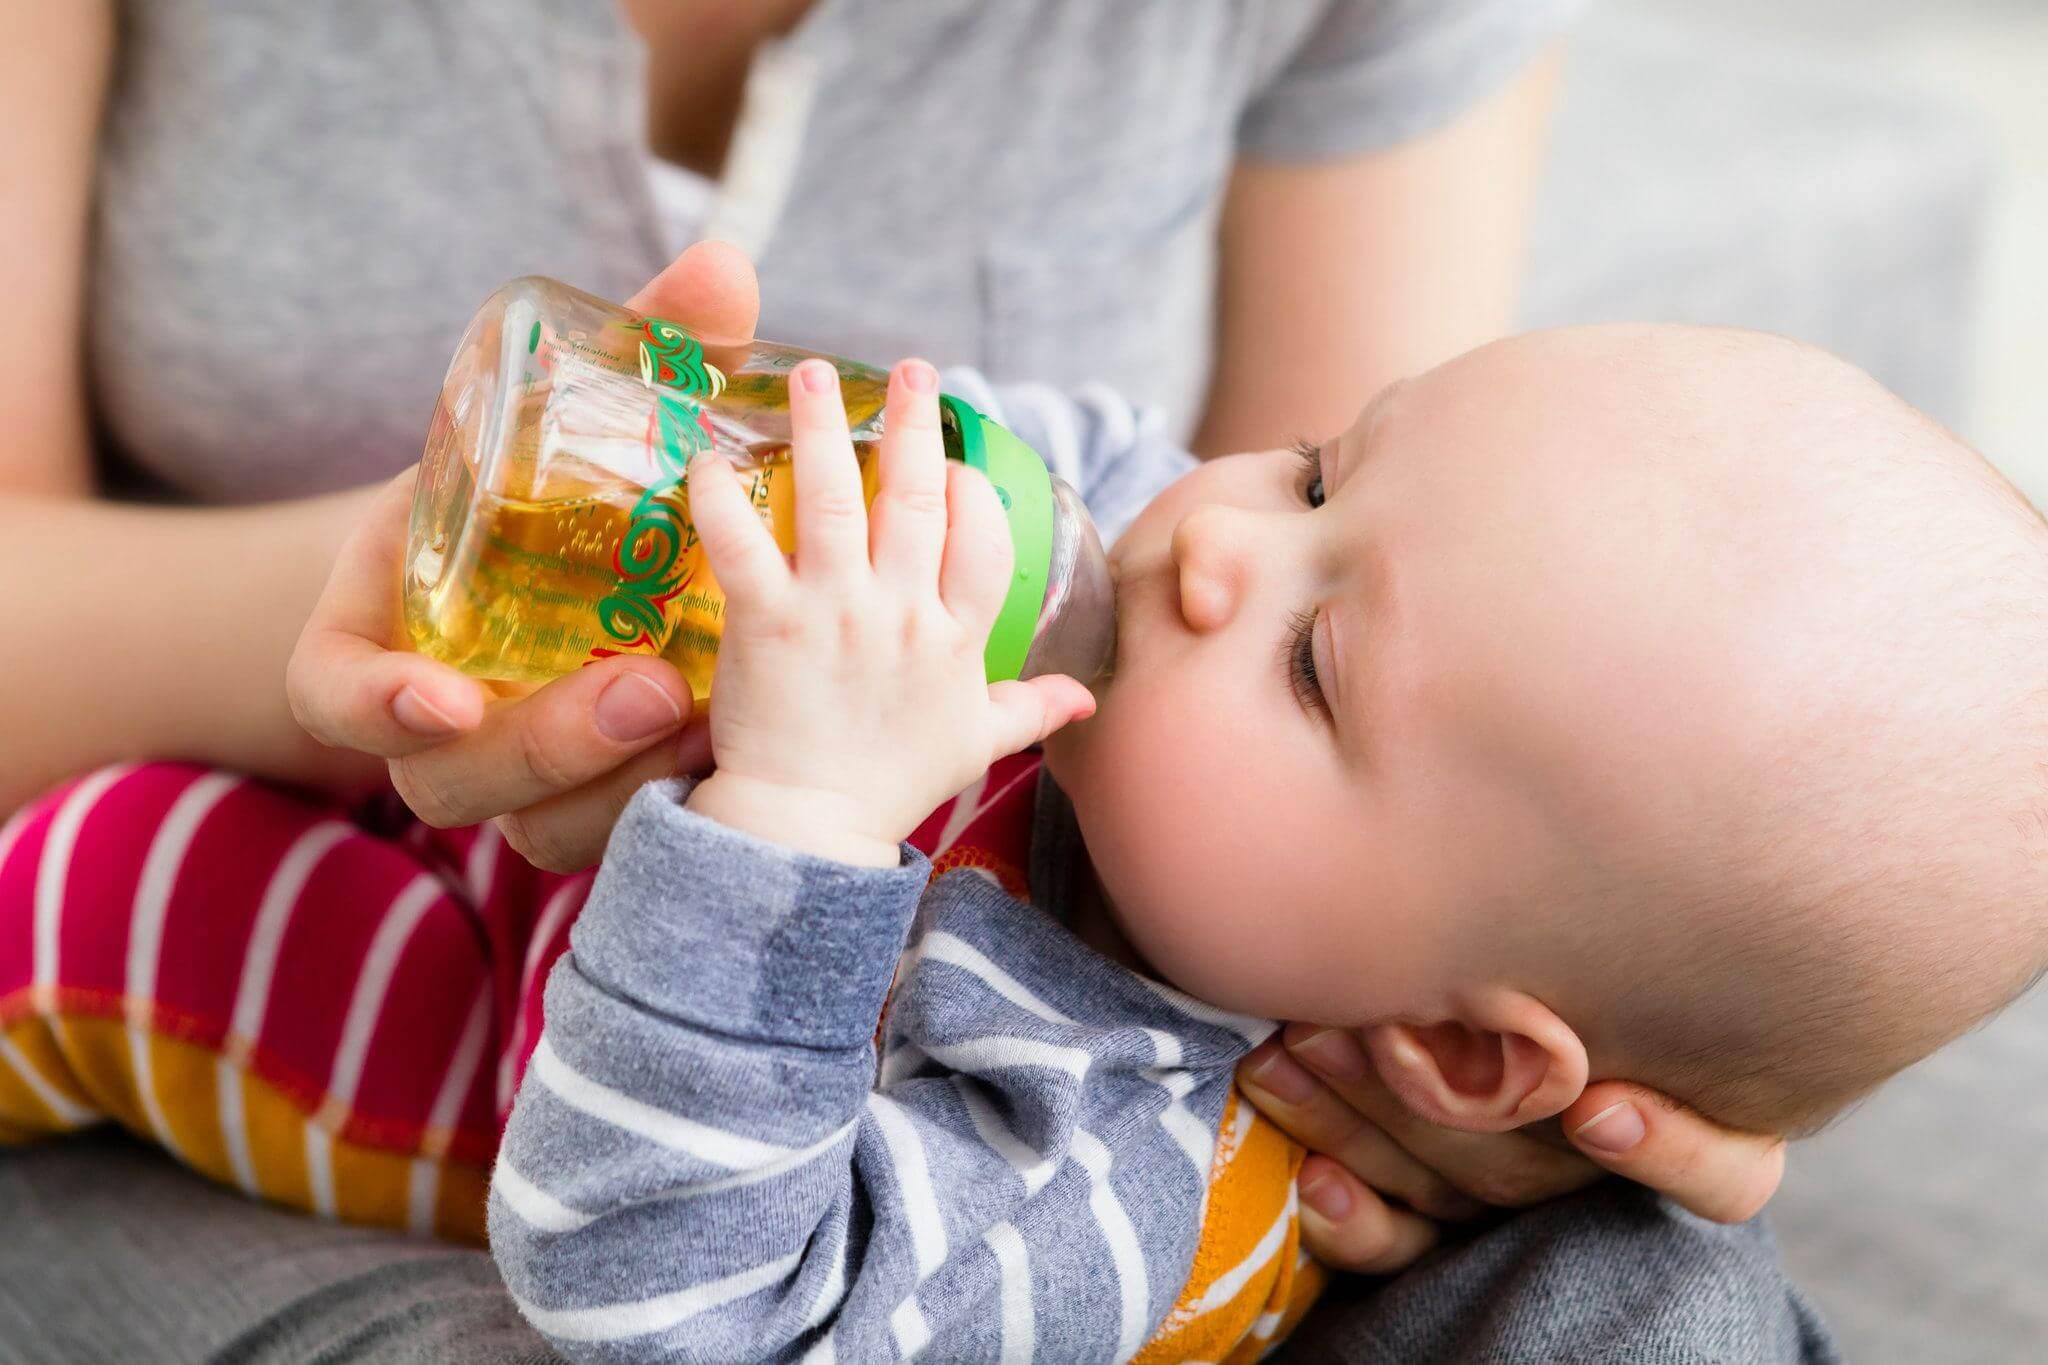 Когда и какие соки можно давать грудничку. Когда лучше давать ребёнку сок, какой и сколько: полезные советы